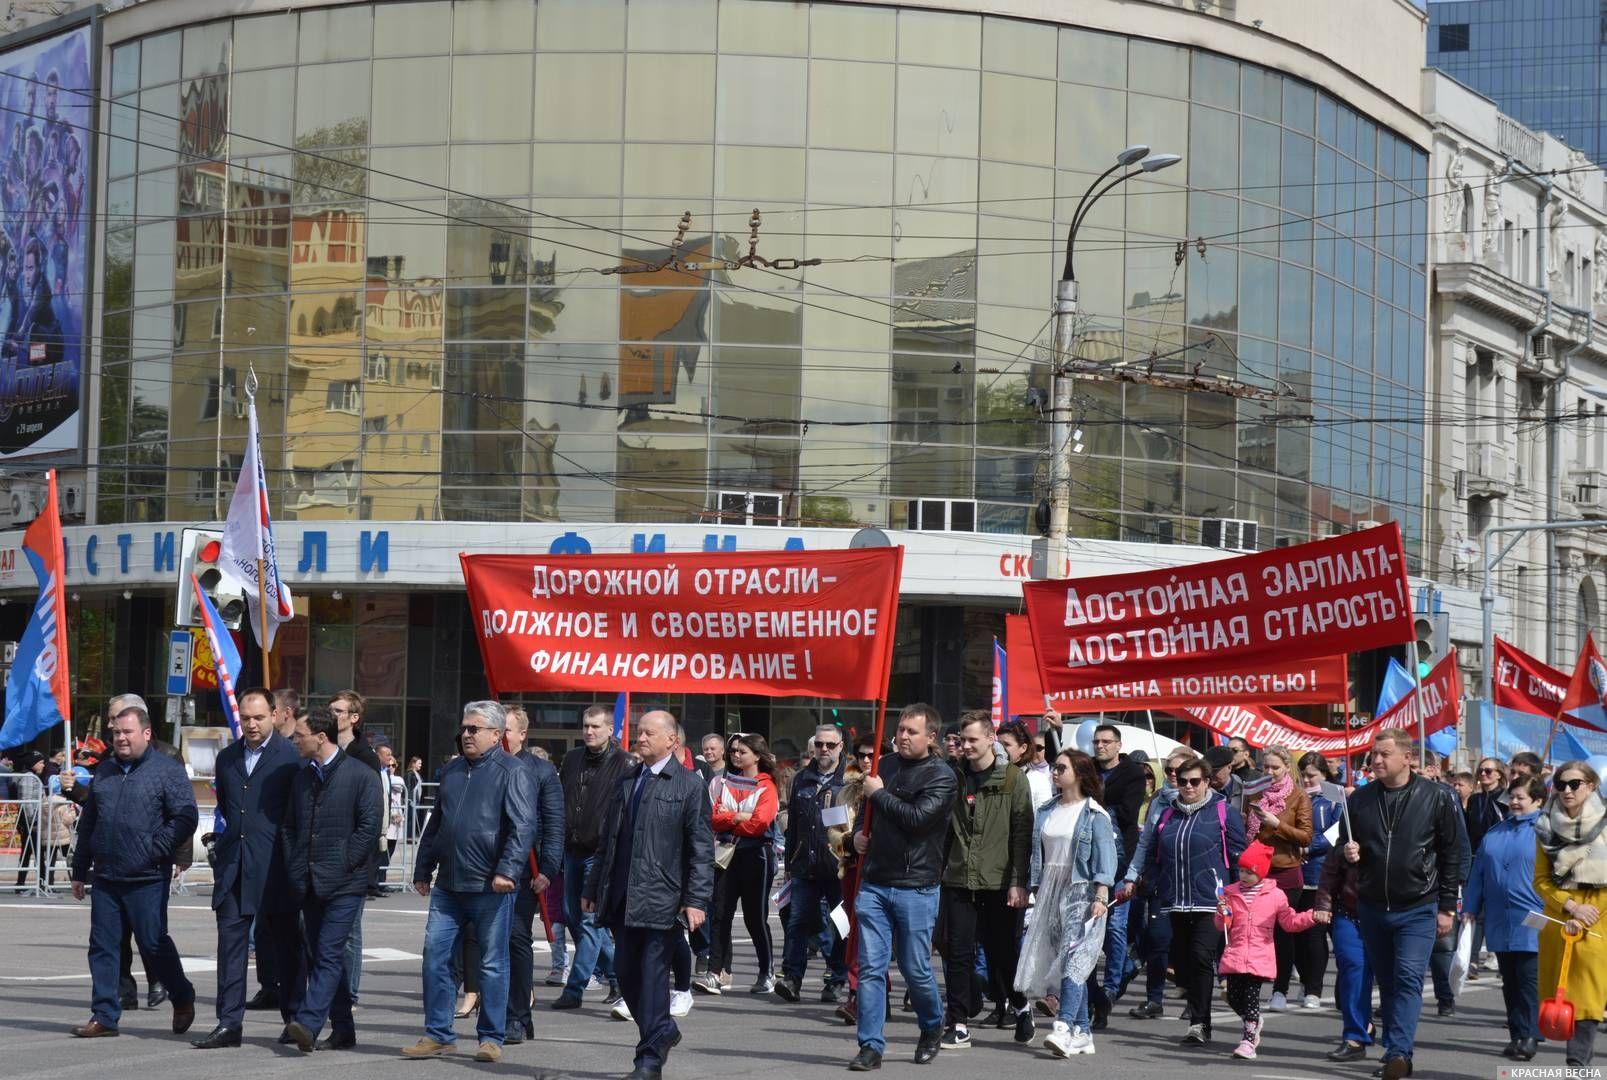 Первомайская демонстрация в Воронеже, 01.05.2019